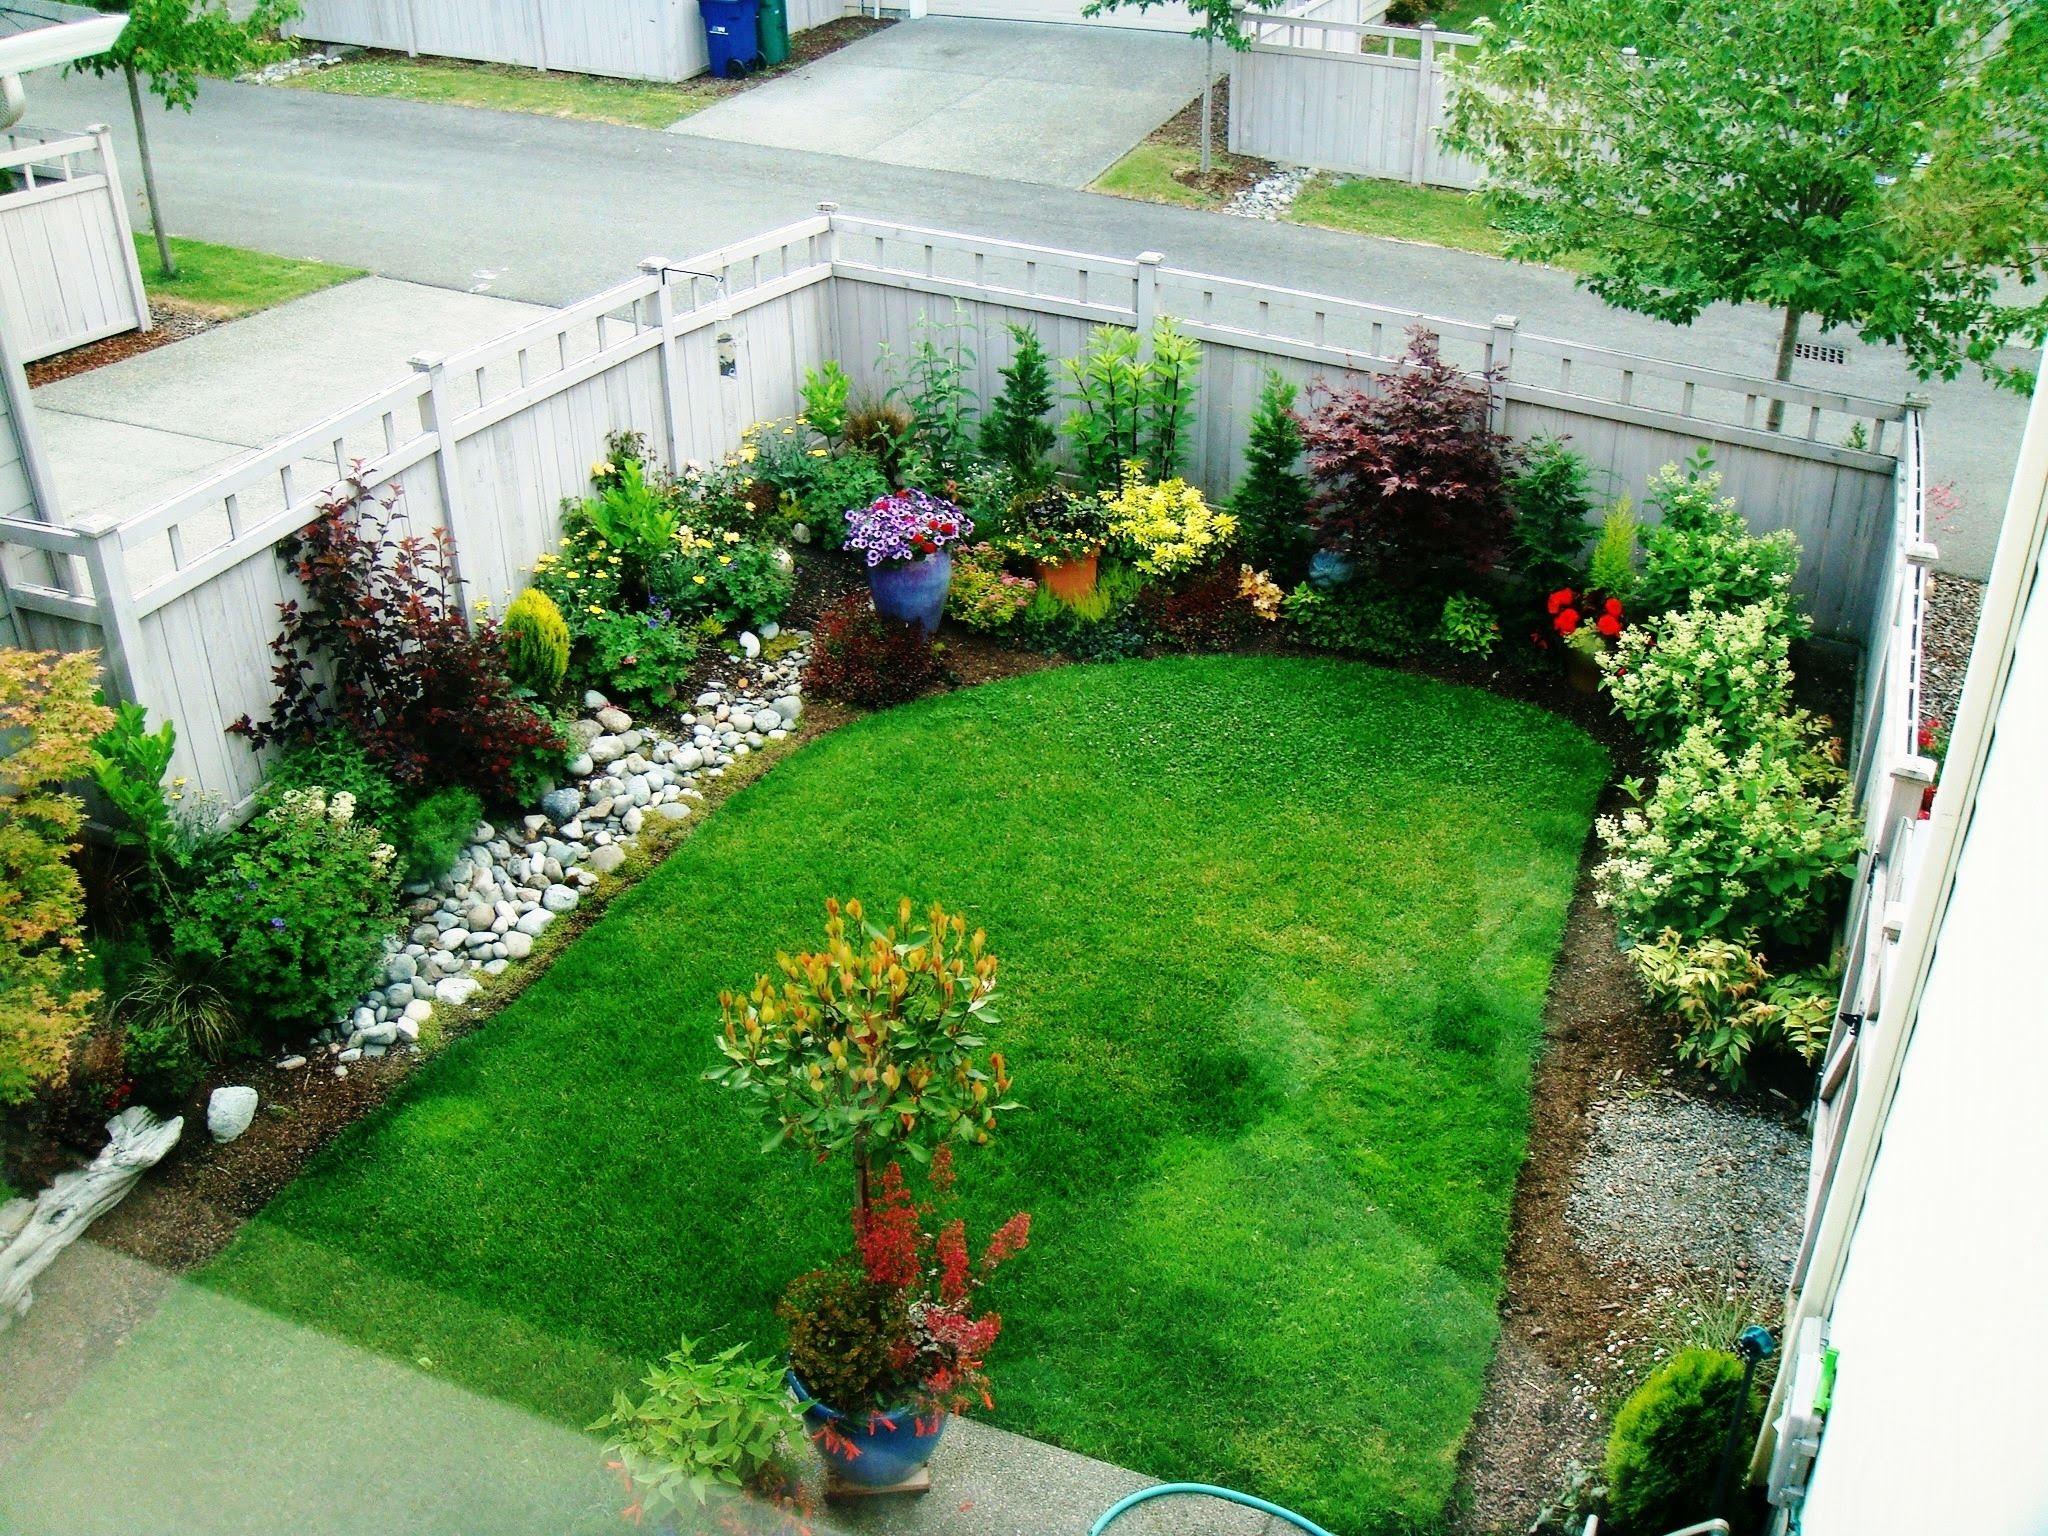 small garden design front garden design ideas i front garden design ideas for small gardens -  youtube WMFZKUR